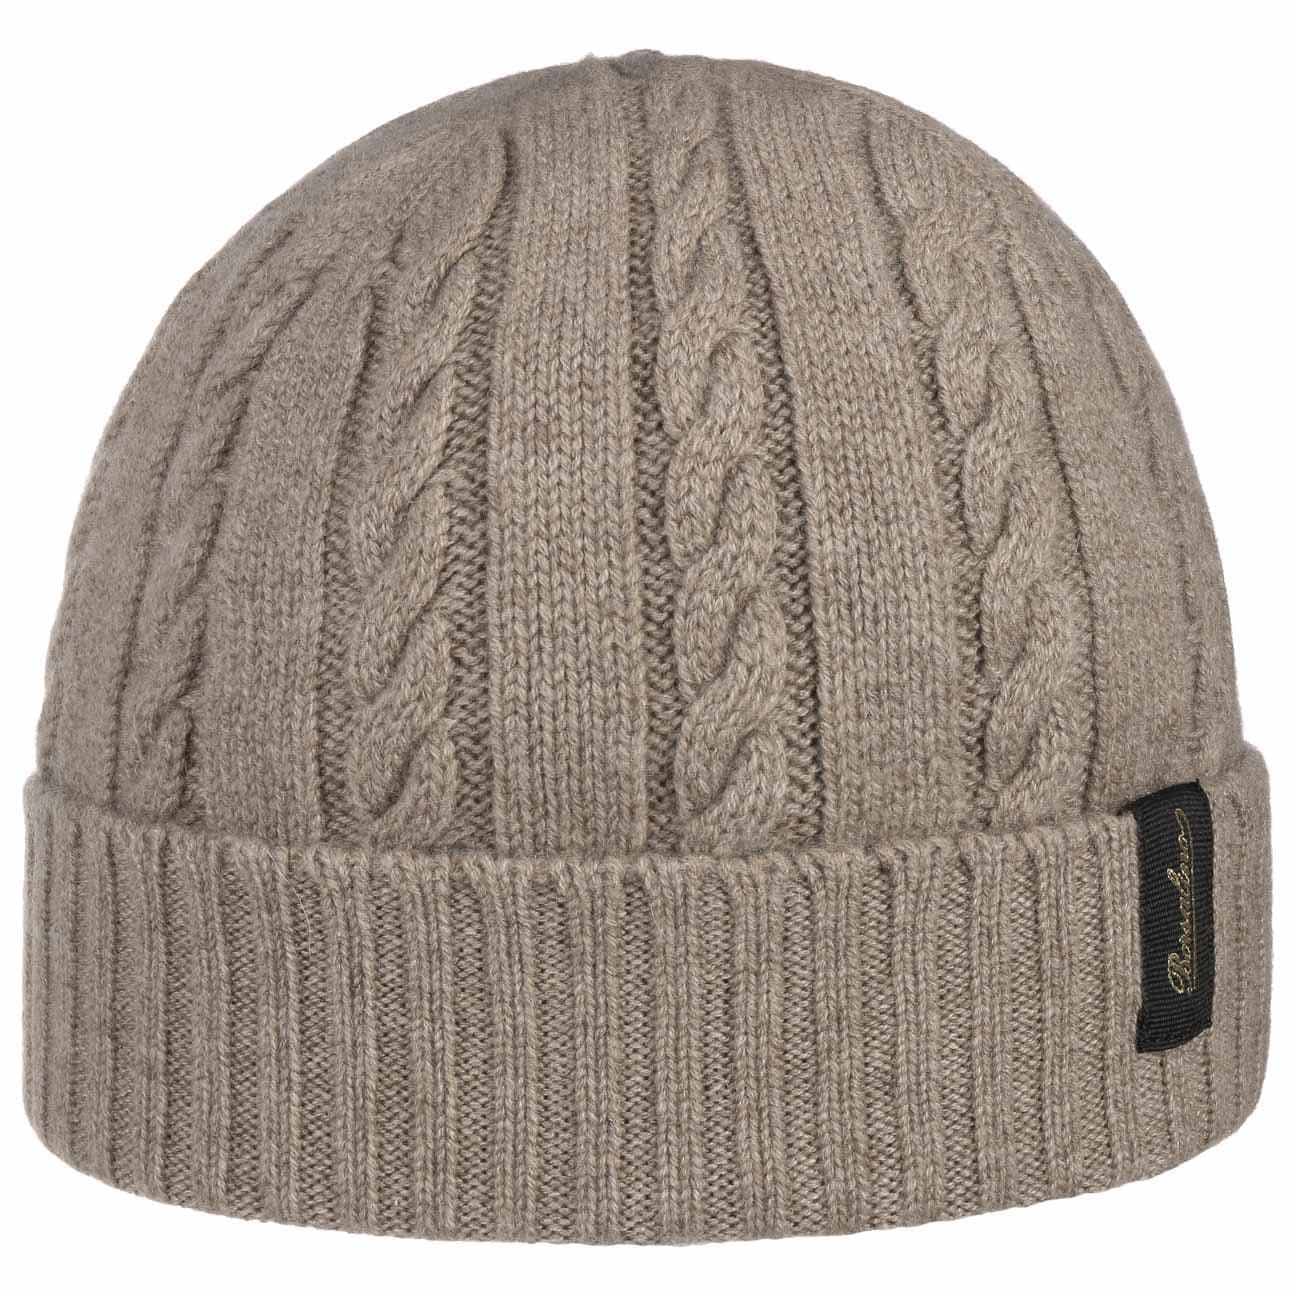 Bonnet en Cachemire Cable by Borsalino  bonnet pour l`hiver